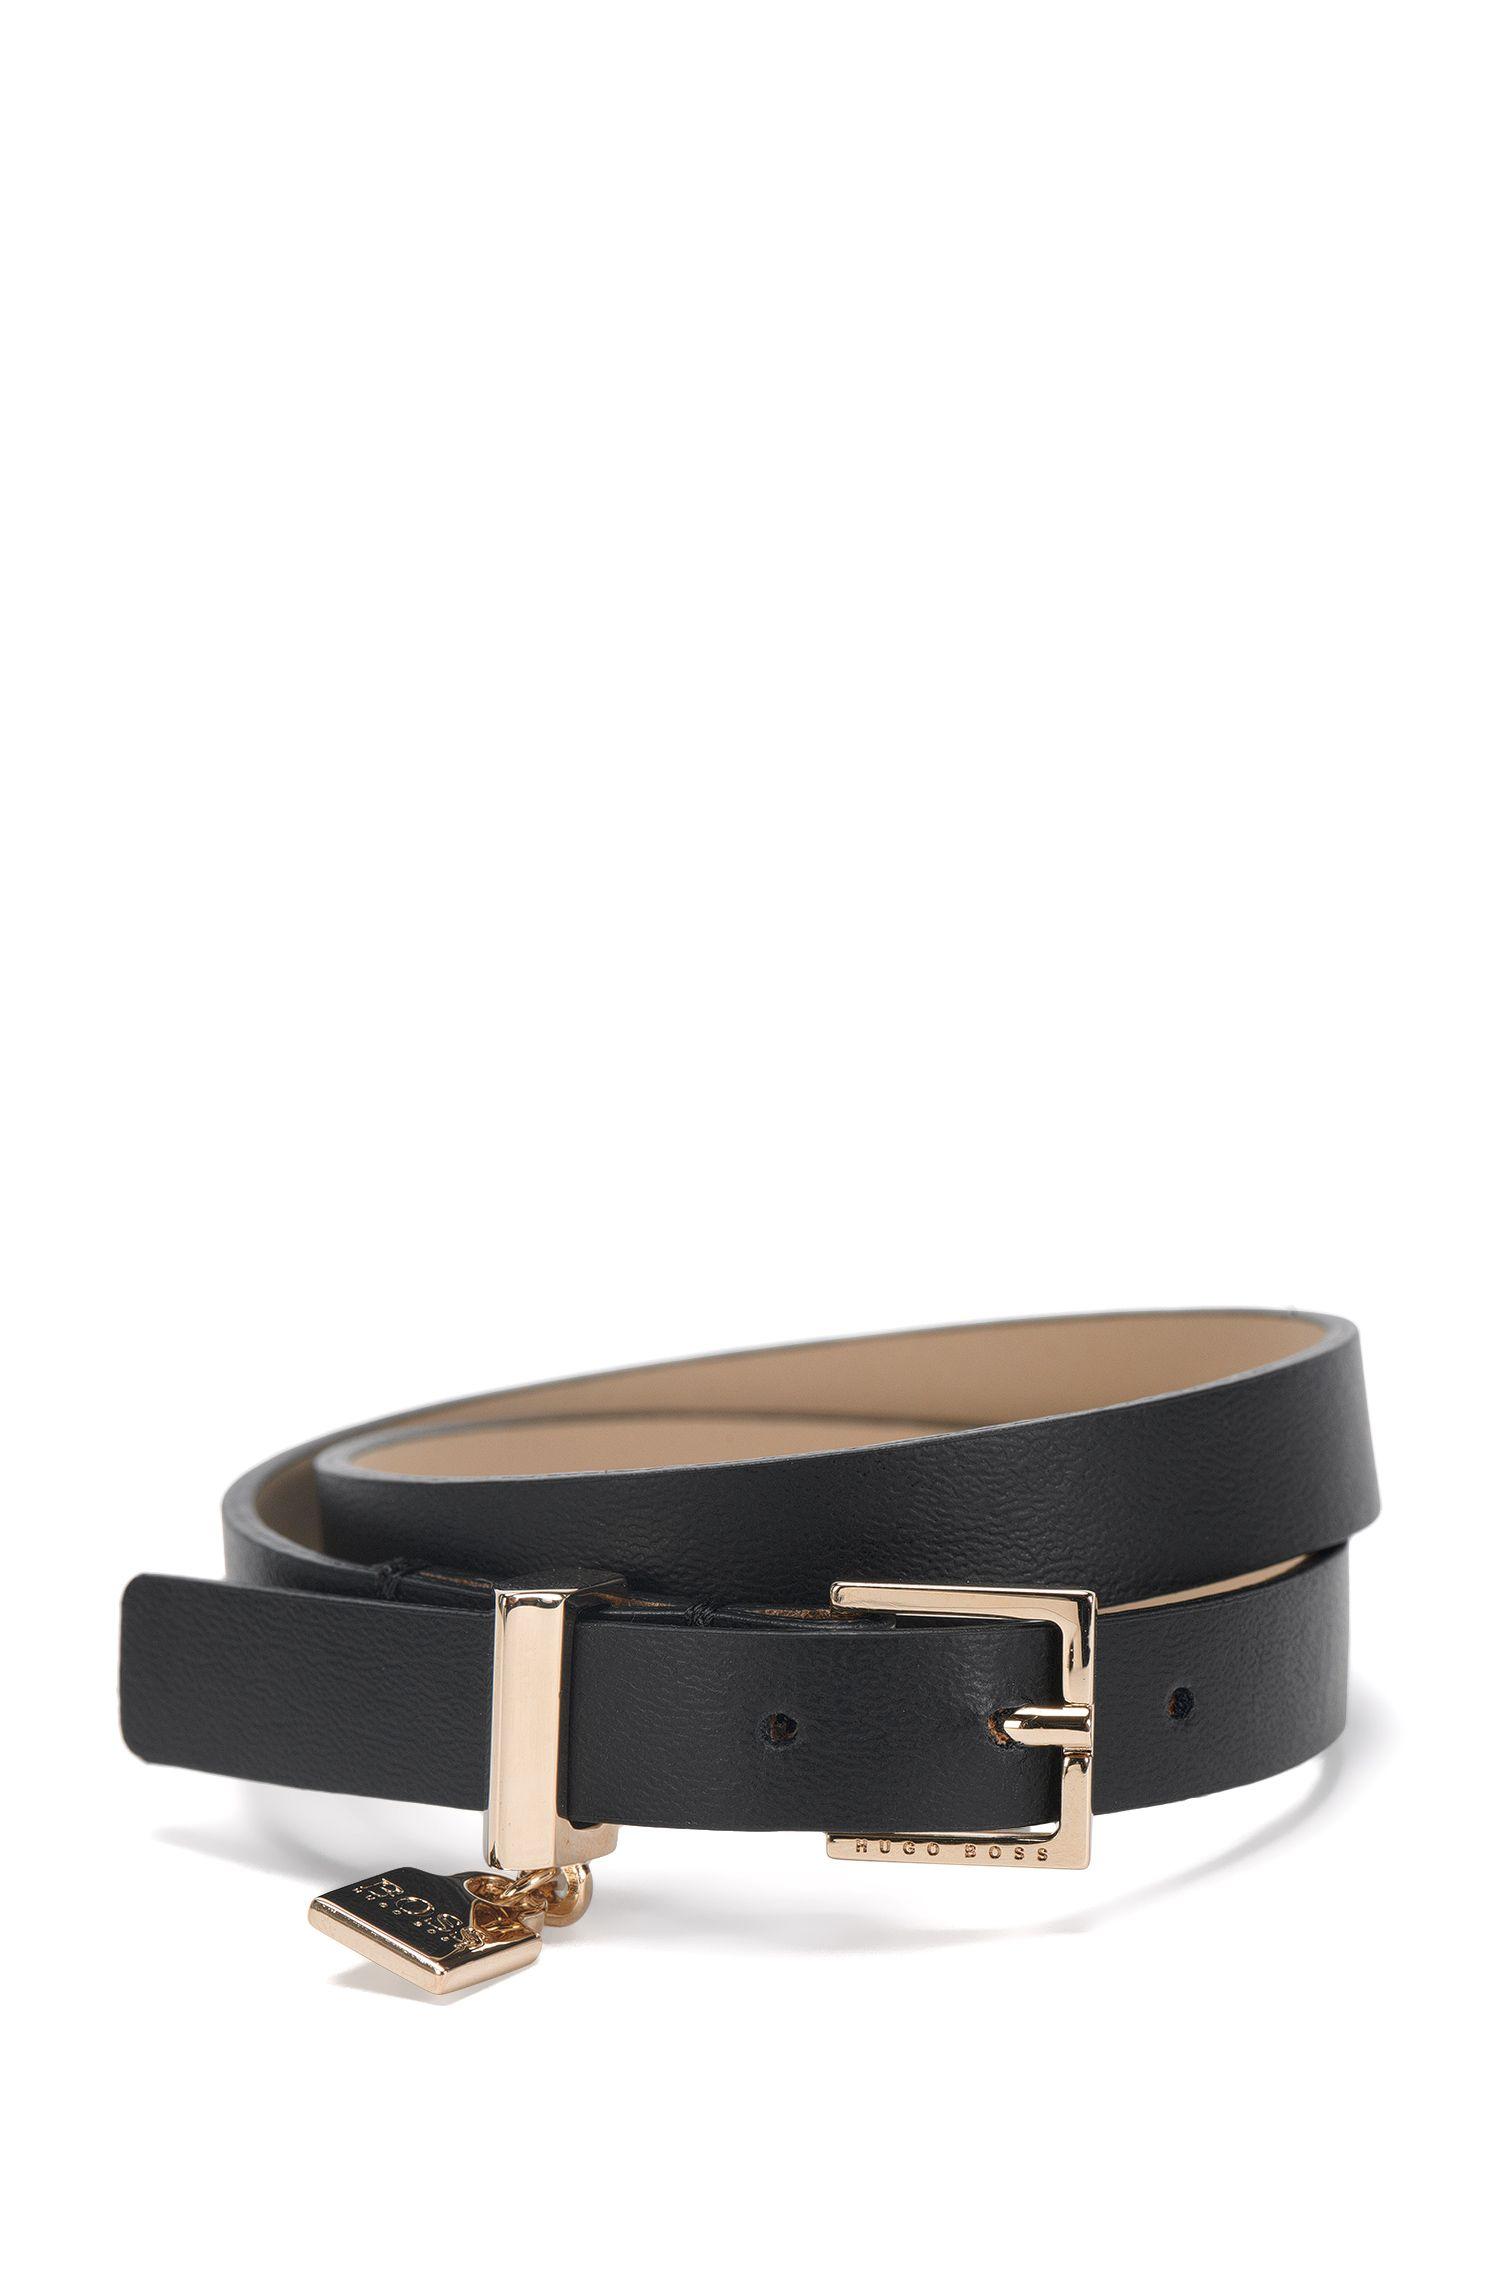 'Berlin Bracelet N' | Italian Leather Wrap Bracelet